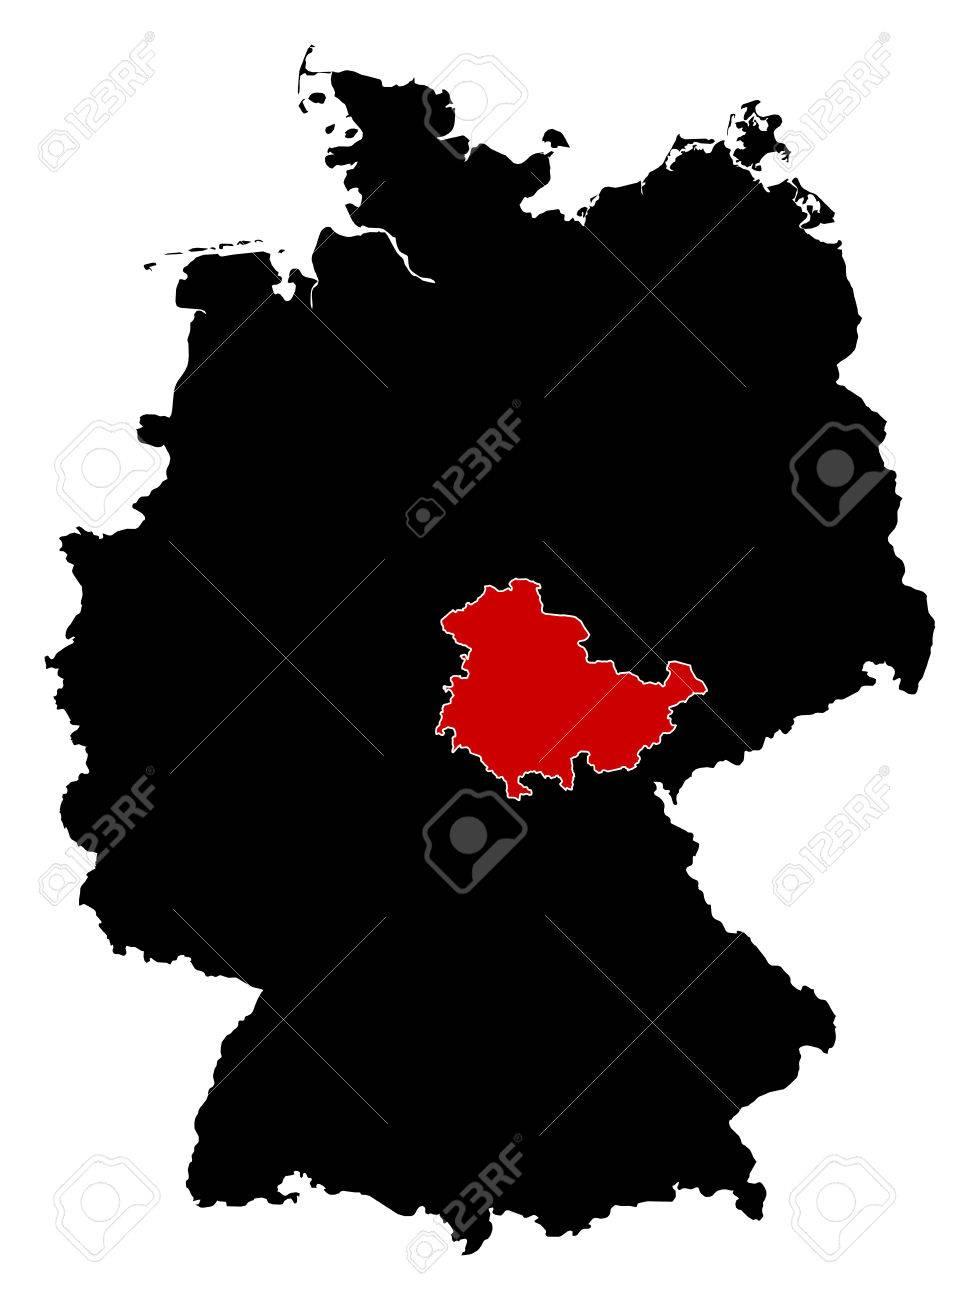 Carte Allemagne Thuringe.Carte De L Allemagne En Noir La Thuringe Est Surlignee En Rouge